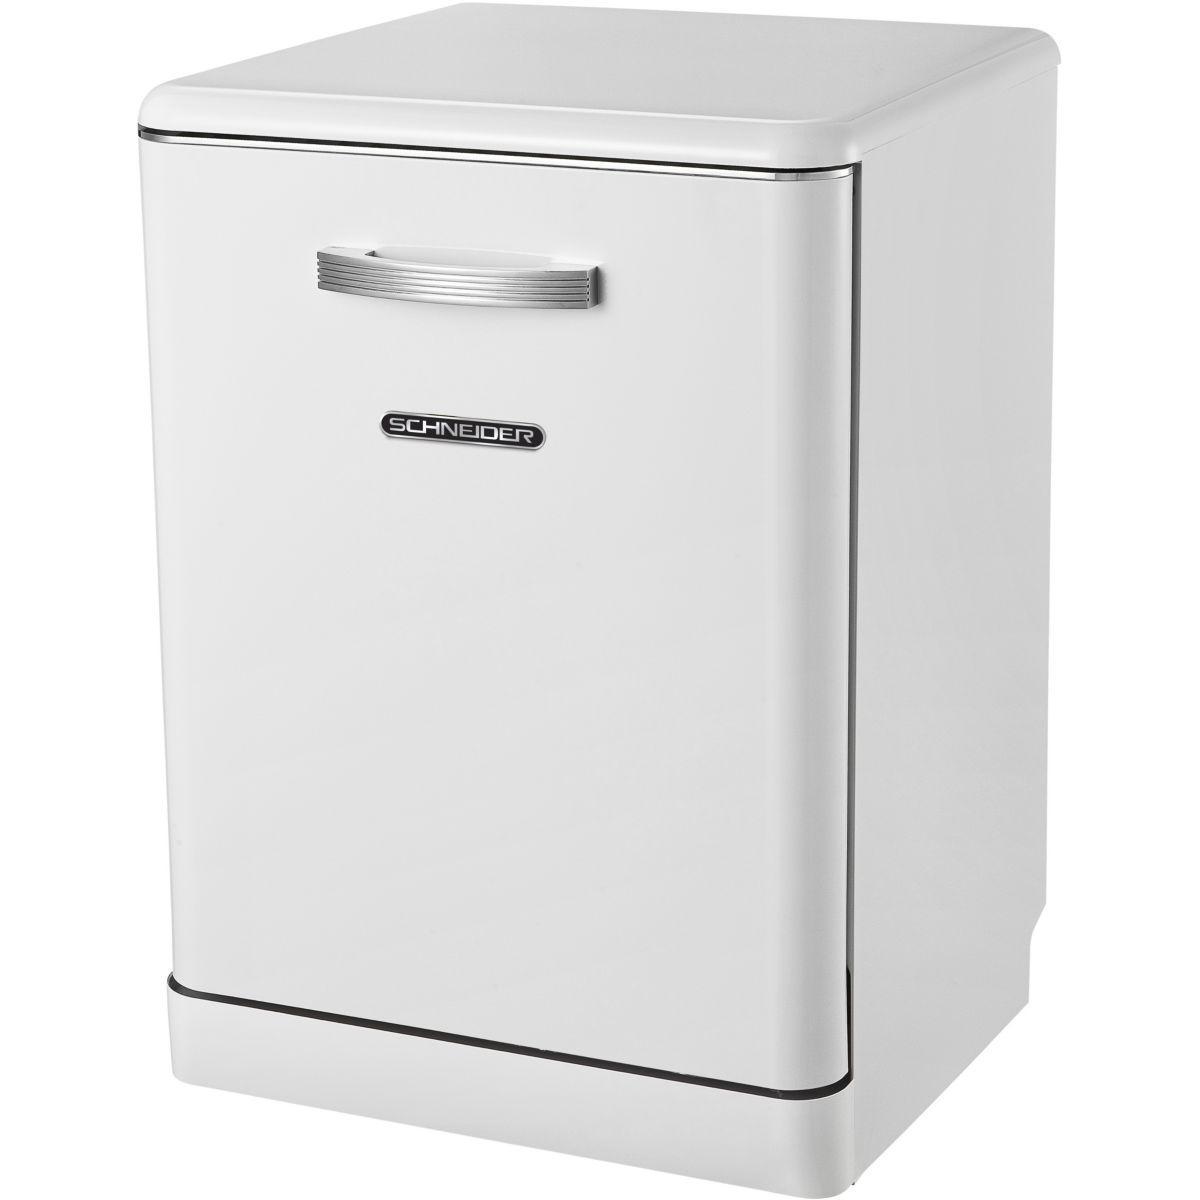 Lave vaisselle 60 cm schneider sdw1444vw vintage blanc - 15% de remise imm�diate avec le code : gam15 (photo)